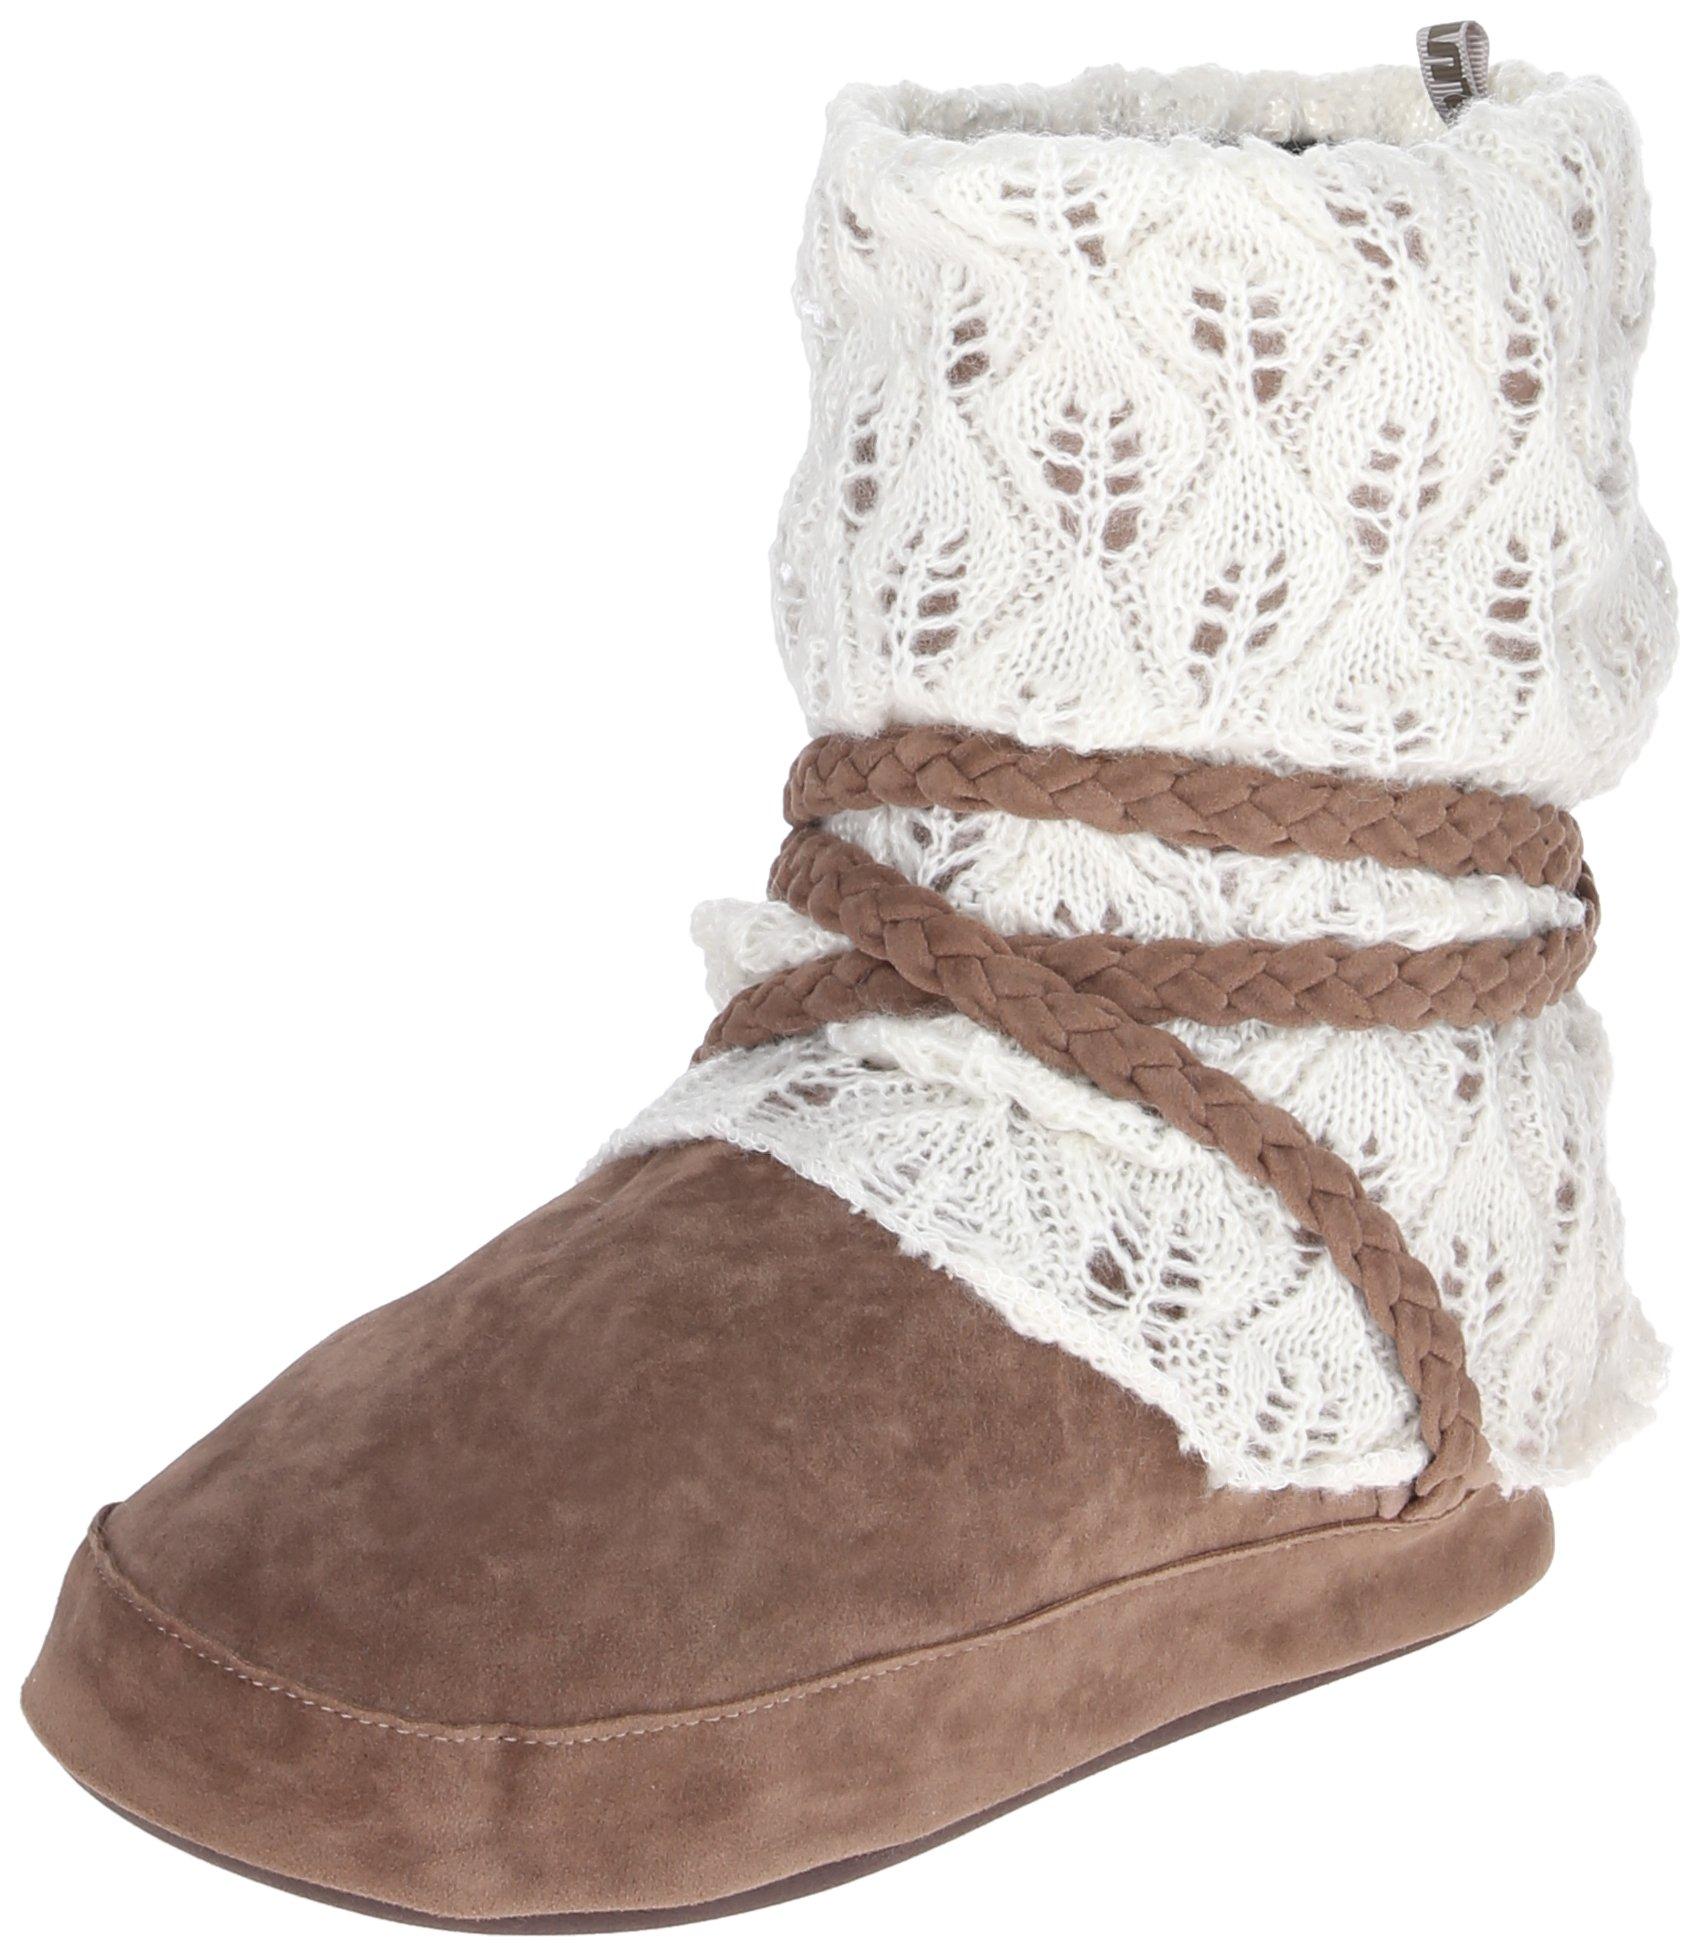 Muk Luks Women's Judie Winter White Slouch Boot